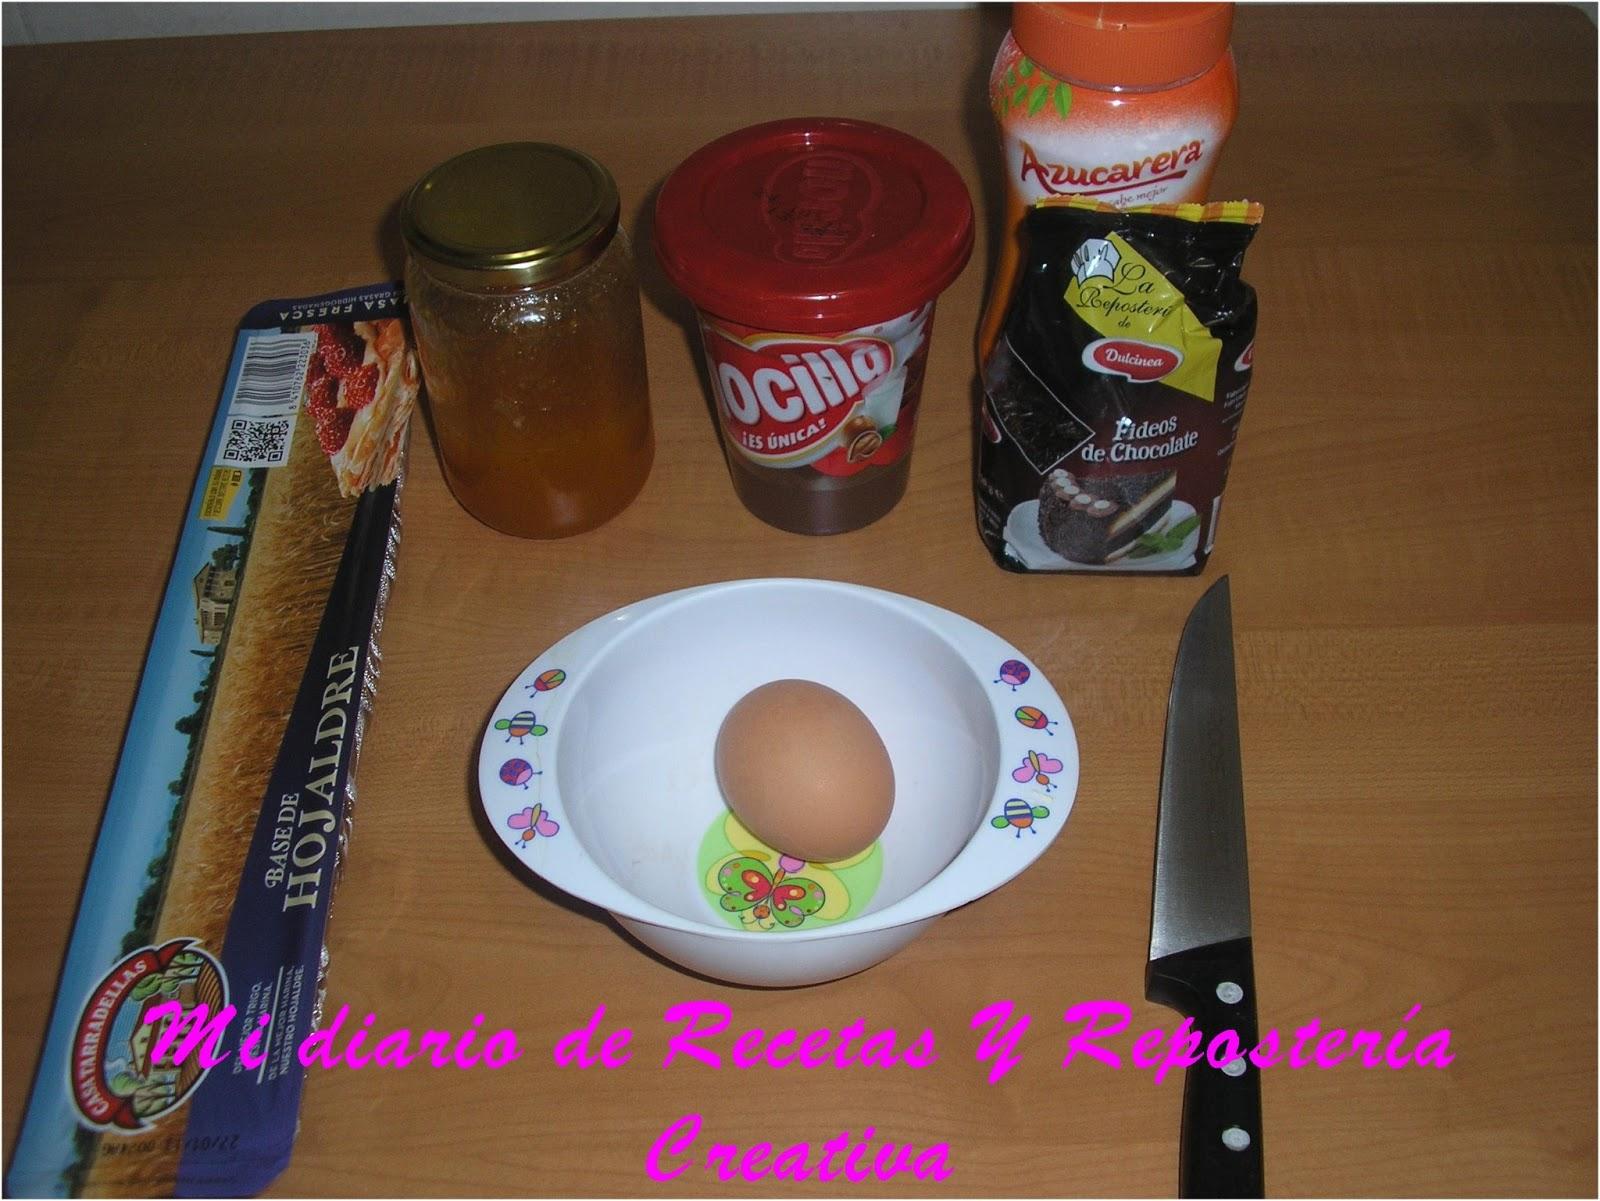 Mi diario de recetas y reposteria creativa garrotes de - Ingredientes reposteria creativa ...